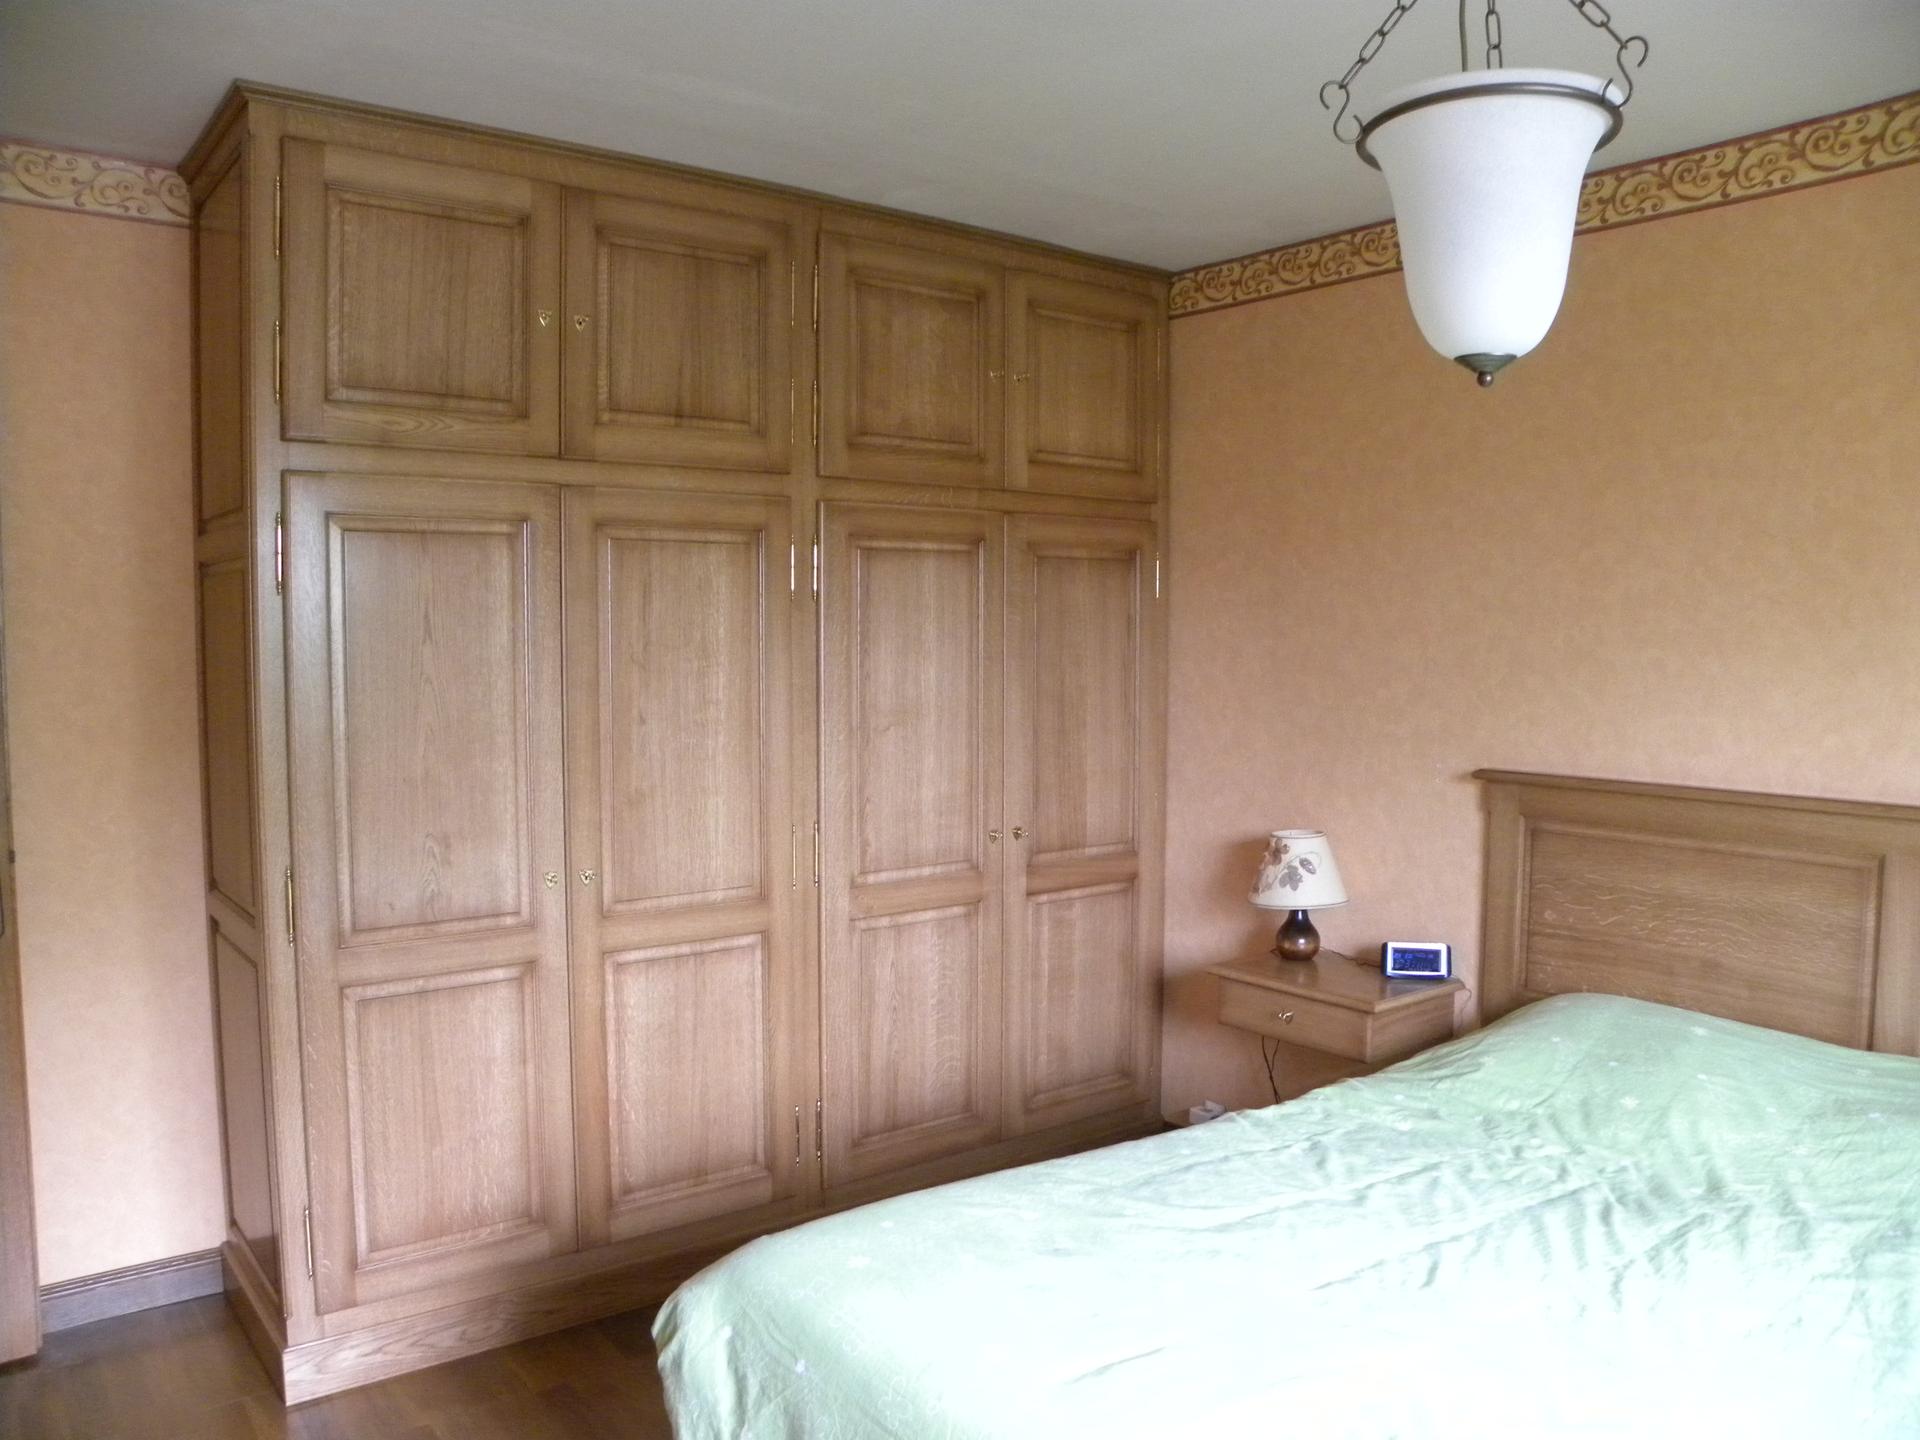 Cuisine Blanche Ixina : Chambre Rustique Chene  Chambre à coucher chêne rustique  Gilles